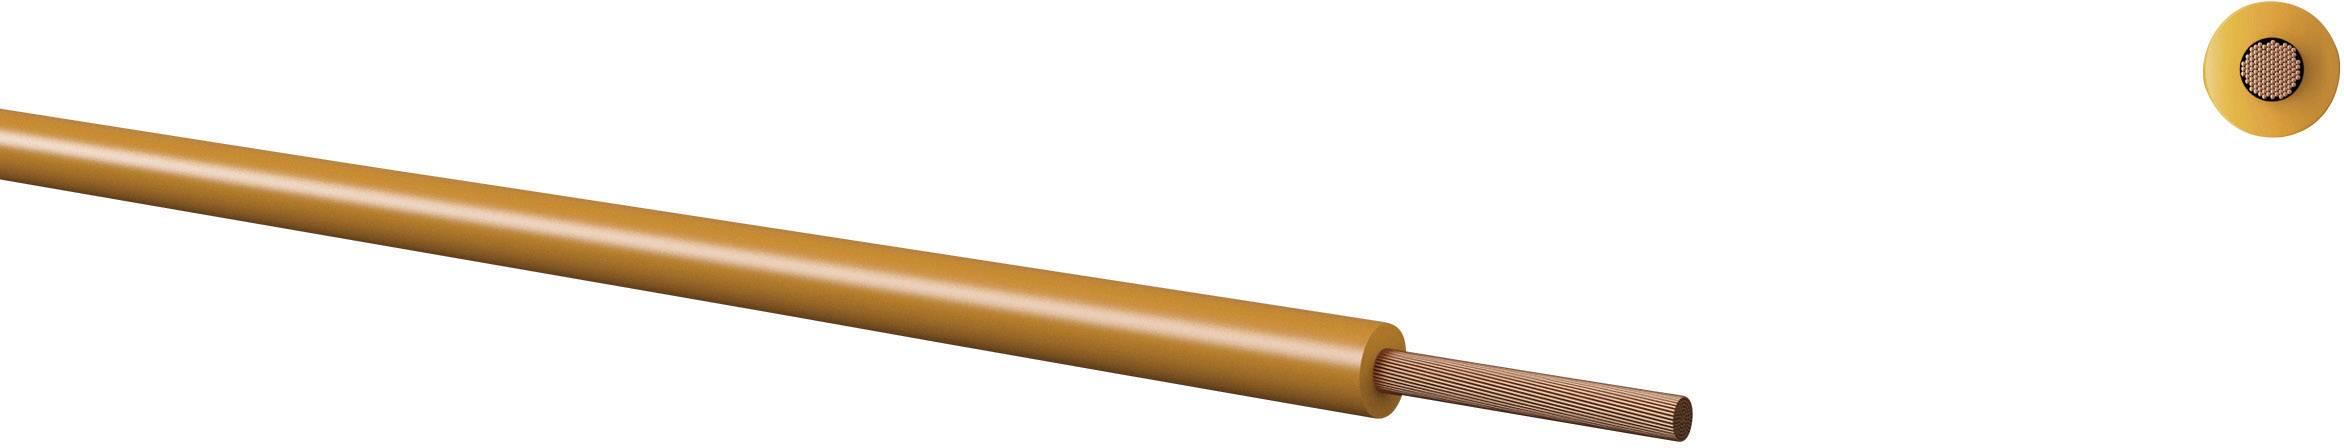 Opletenie / lanko Kabeltronik 160125004 LiFY, 1 x 2.50 mm², vonkajší Ø 3.80 mm, metrový tovar, žltá